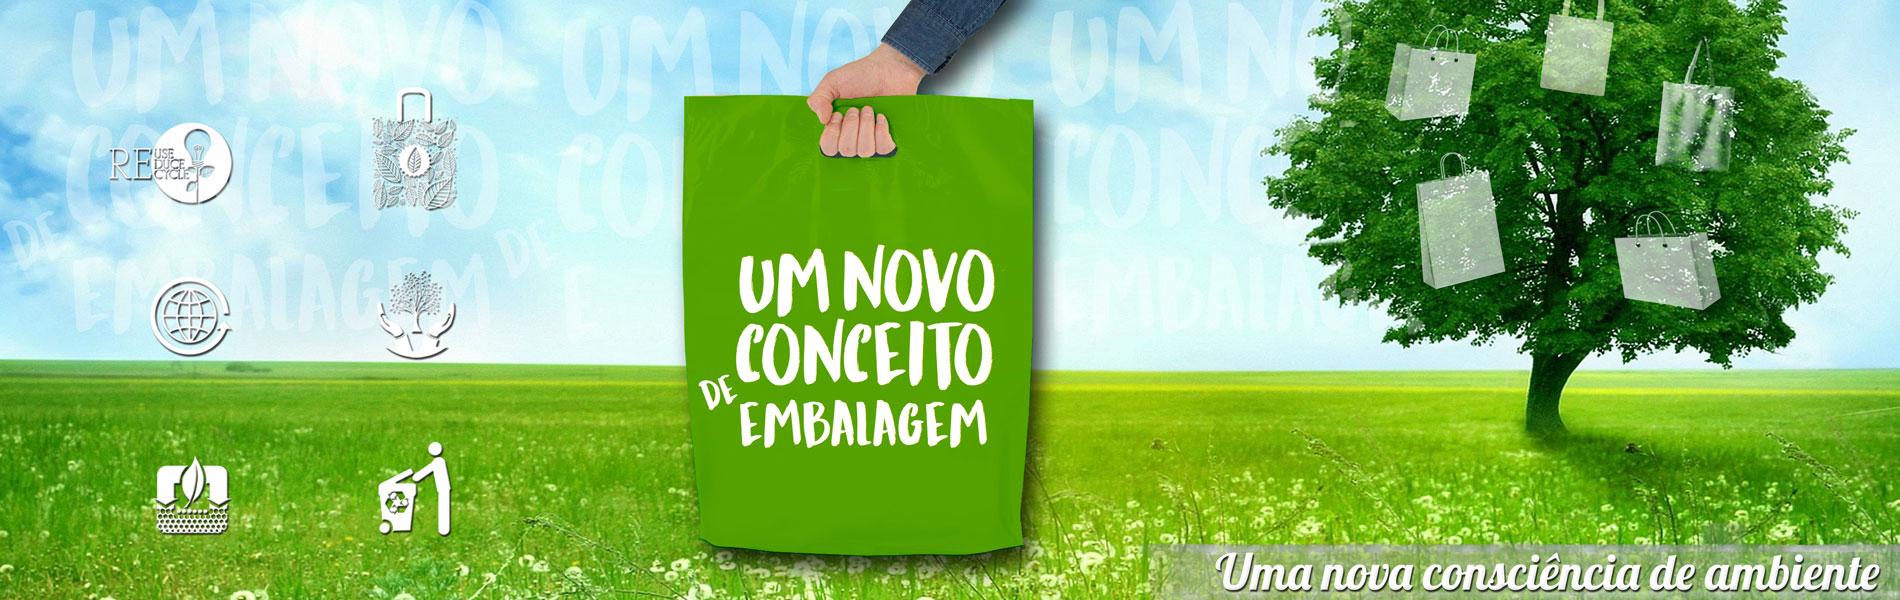 Um novo conceito de embalagem, uma nova consciência de ambiente